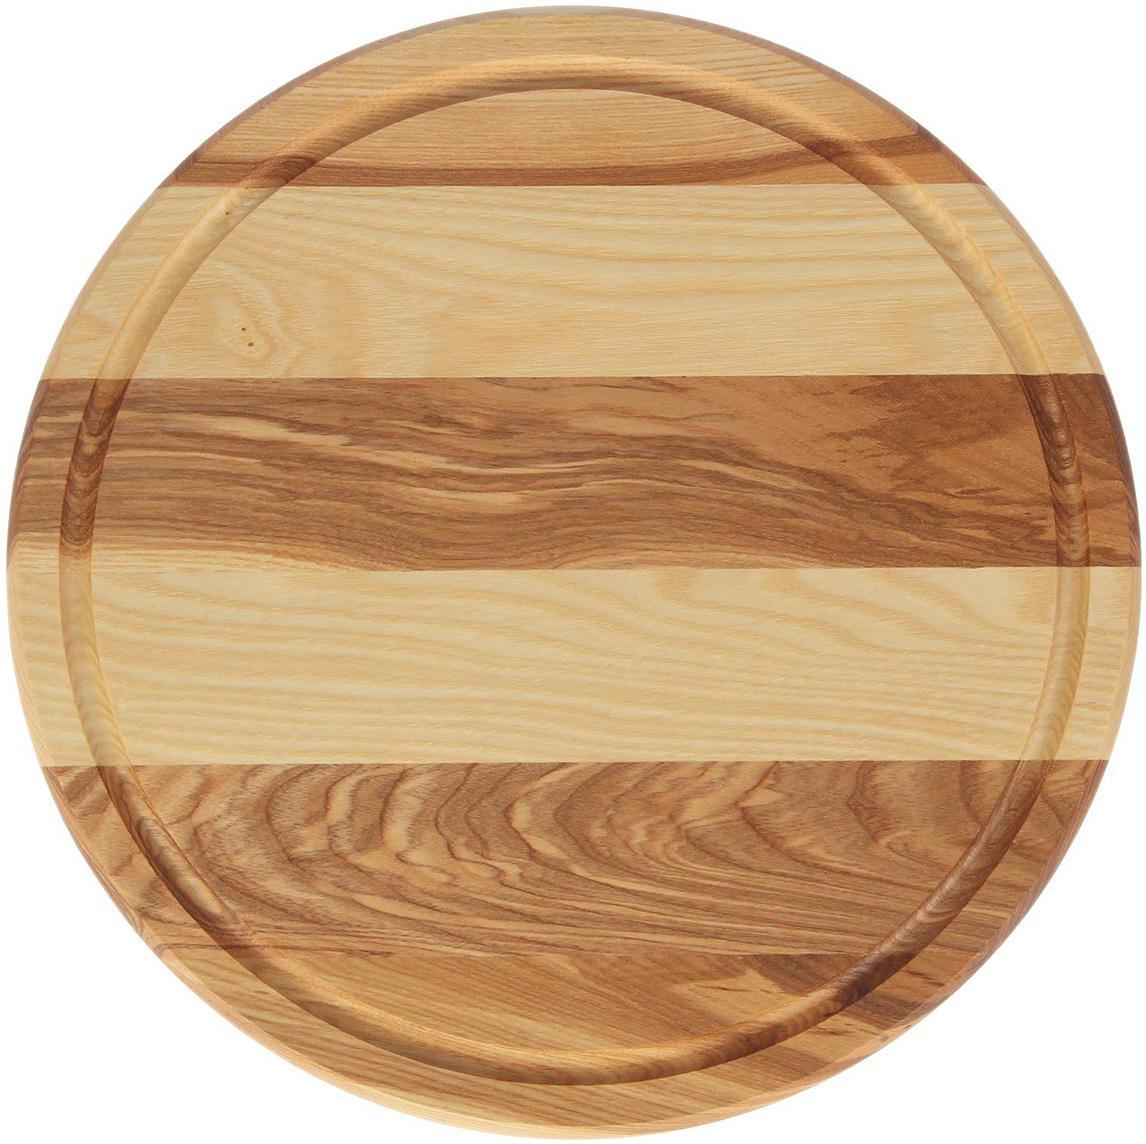 Такую разделочную доску можно использовать и в качестве подноса. Подав  пиццу таким образом, вы удивите своих гостей. Изделие выполнено из древесины твердых пород, которые менее  чувствительны к влаге. Этот материал имеет больший срок службы. Также  такая древесина приспособлена для ежедневной нарезки твердых продуктов. Уход за деревянной разделочной доской: Обработайте перед первым применением. Используйте пищевое  минеральное или льняное масло. Протрите им доску и дайте впитаться в  древесину. Уберите излишки масла сухой тканью. Повторяйте процедуру  каждые 2-3 месяца, так вы предотвратите появление пятен, плесени и  запахов еды. Для сохранения гладкости протирайте изделие наждачной бумагой. Используйте несколько разделочных досок для разного вида пищи. Это  препятствует распространению бактерий сырых продуктов. Тщательно мойте и дезинфицируйте разделочную доску мылом и горячей  водой после каждого использования. После этого высушите. Чтобы избавиться от запаха чеснока или лука, смажьте доску солью с  лимоном. Через пару минут протрите поверхность и промойте ее. Храните доску в сухом месте в вертикальном положении и вдали от  посторонних запахов. Соблюдайте рекомендации, и разделочная доска прослужит вам долгие годы!